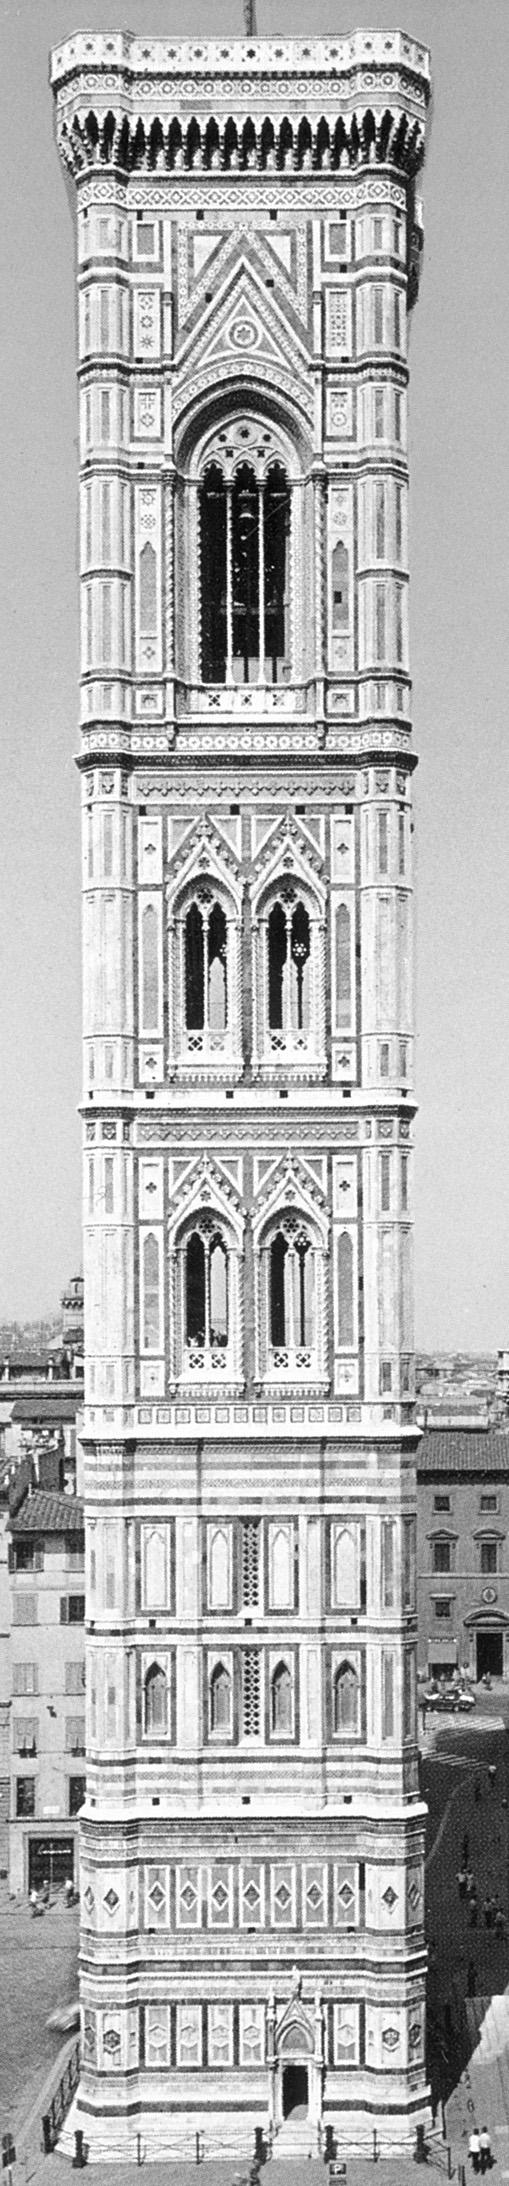 Giotto Campaniléje